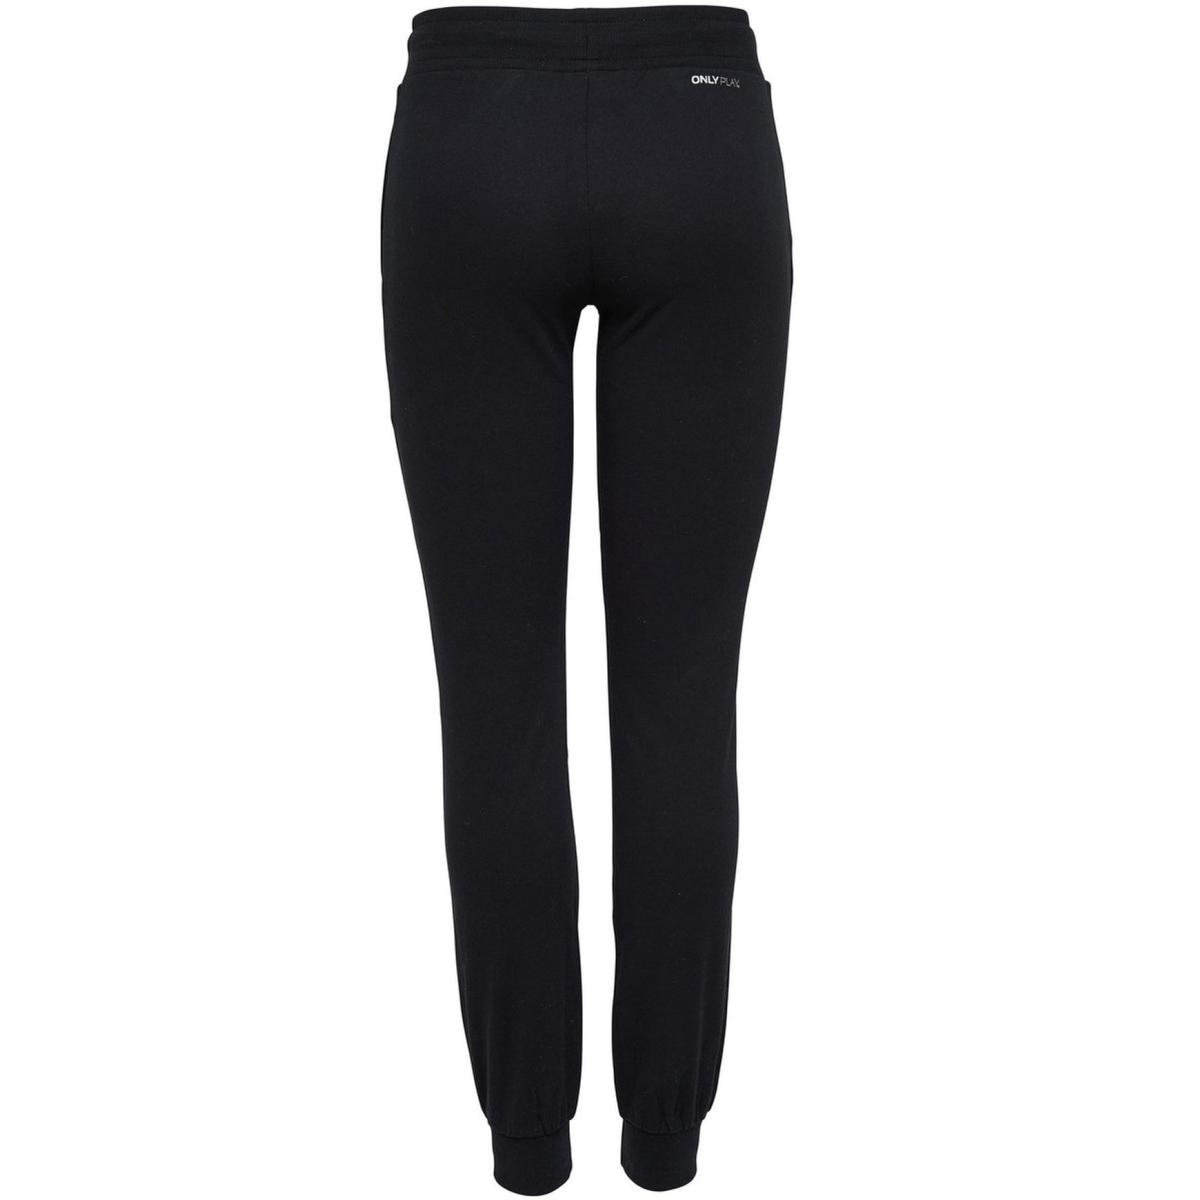 onplina sweat pants - opus 15108842 only play sport broek black